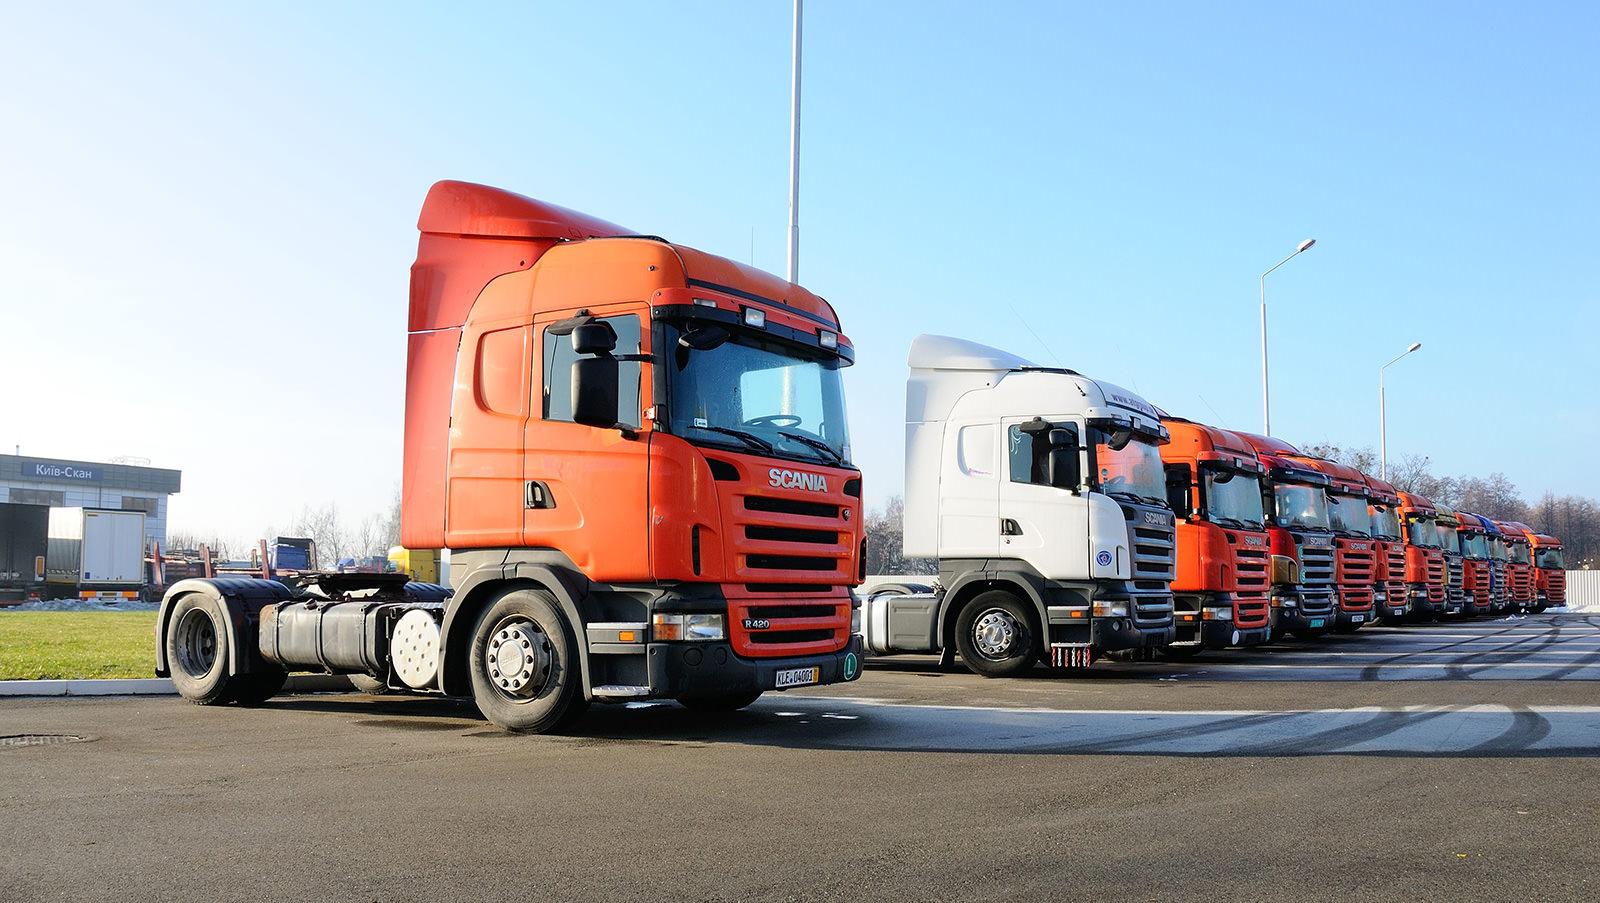 Тягачи Scania с пробегом на складе в Украине (2005-2008 гг. производств)